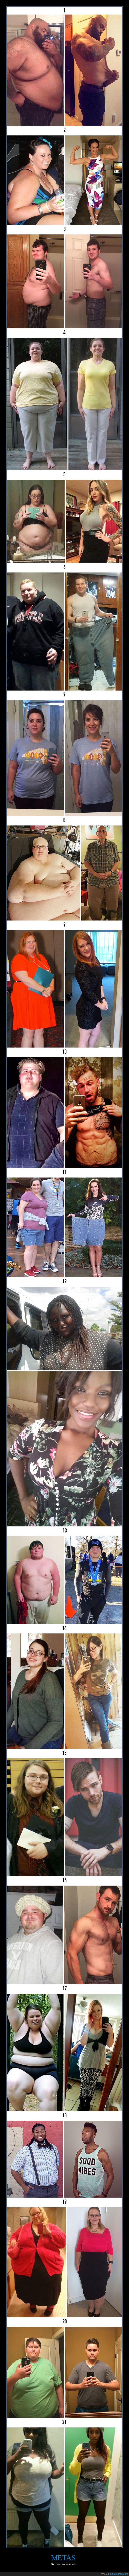 adelgazar,antes,delgados,después,gente,gordos